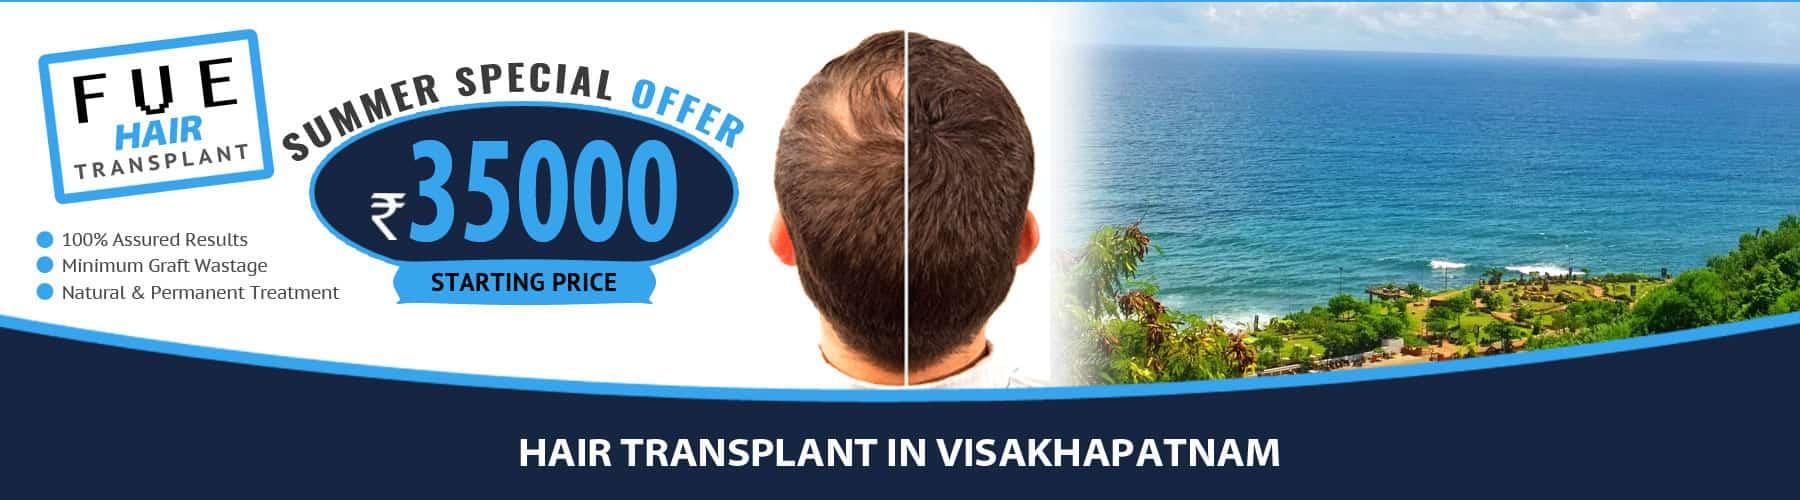 Hair Transplant Visakhapatnam